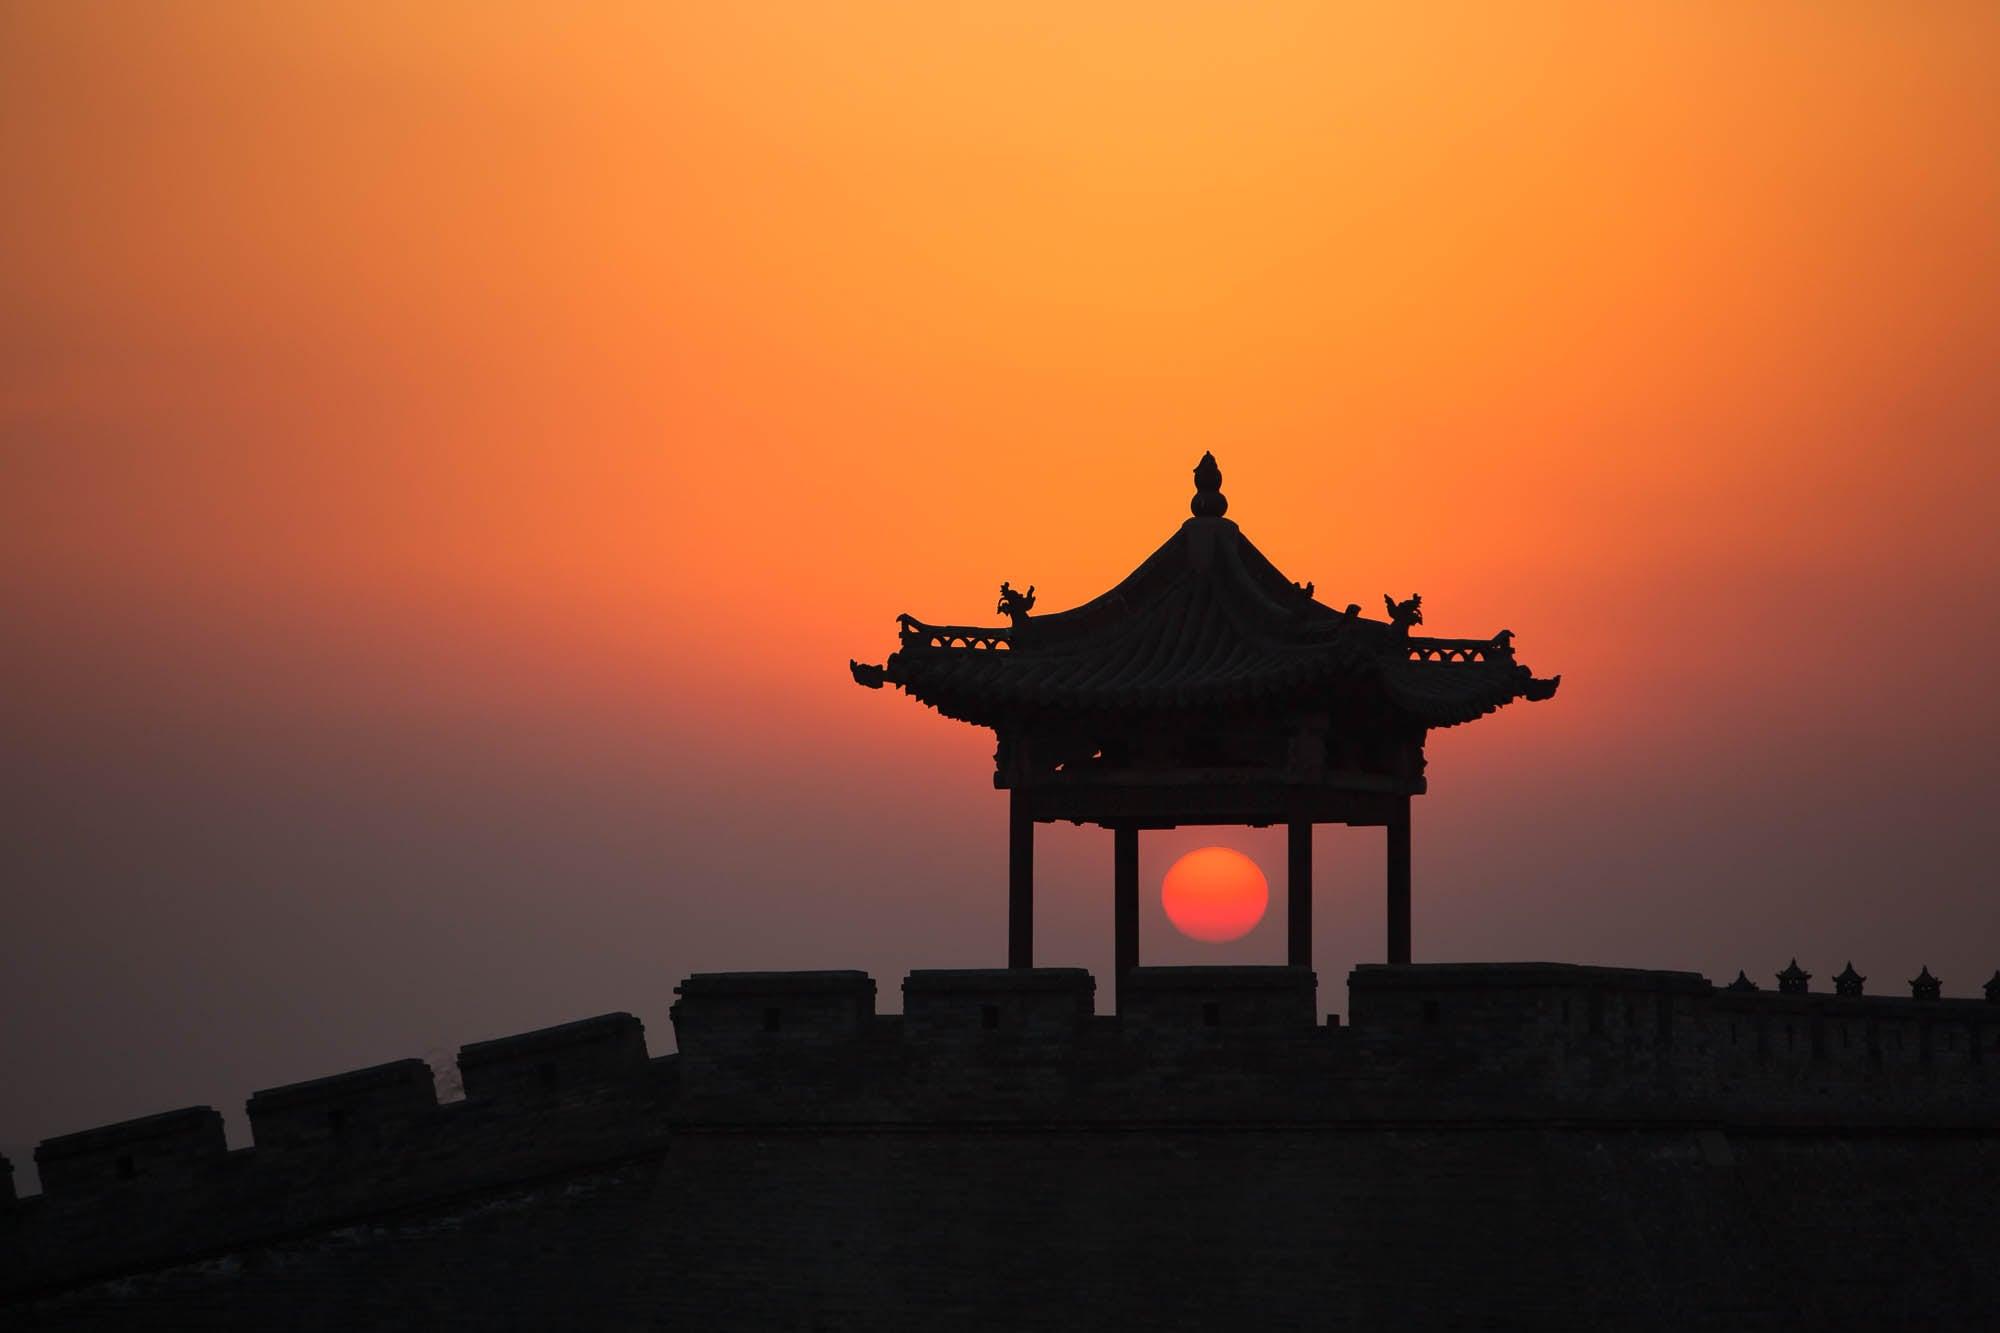 sunset at Wang Family Courtyard